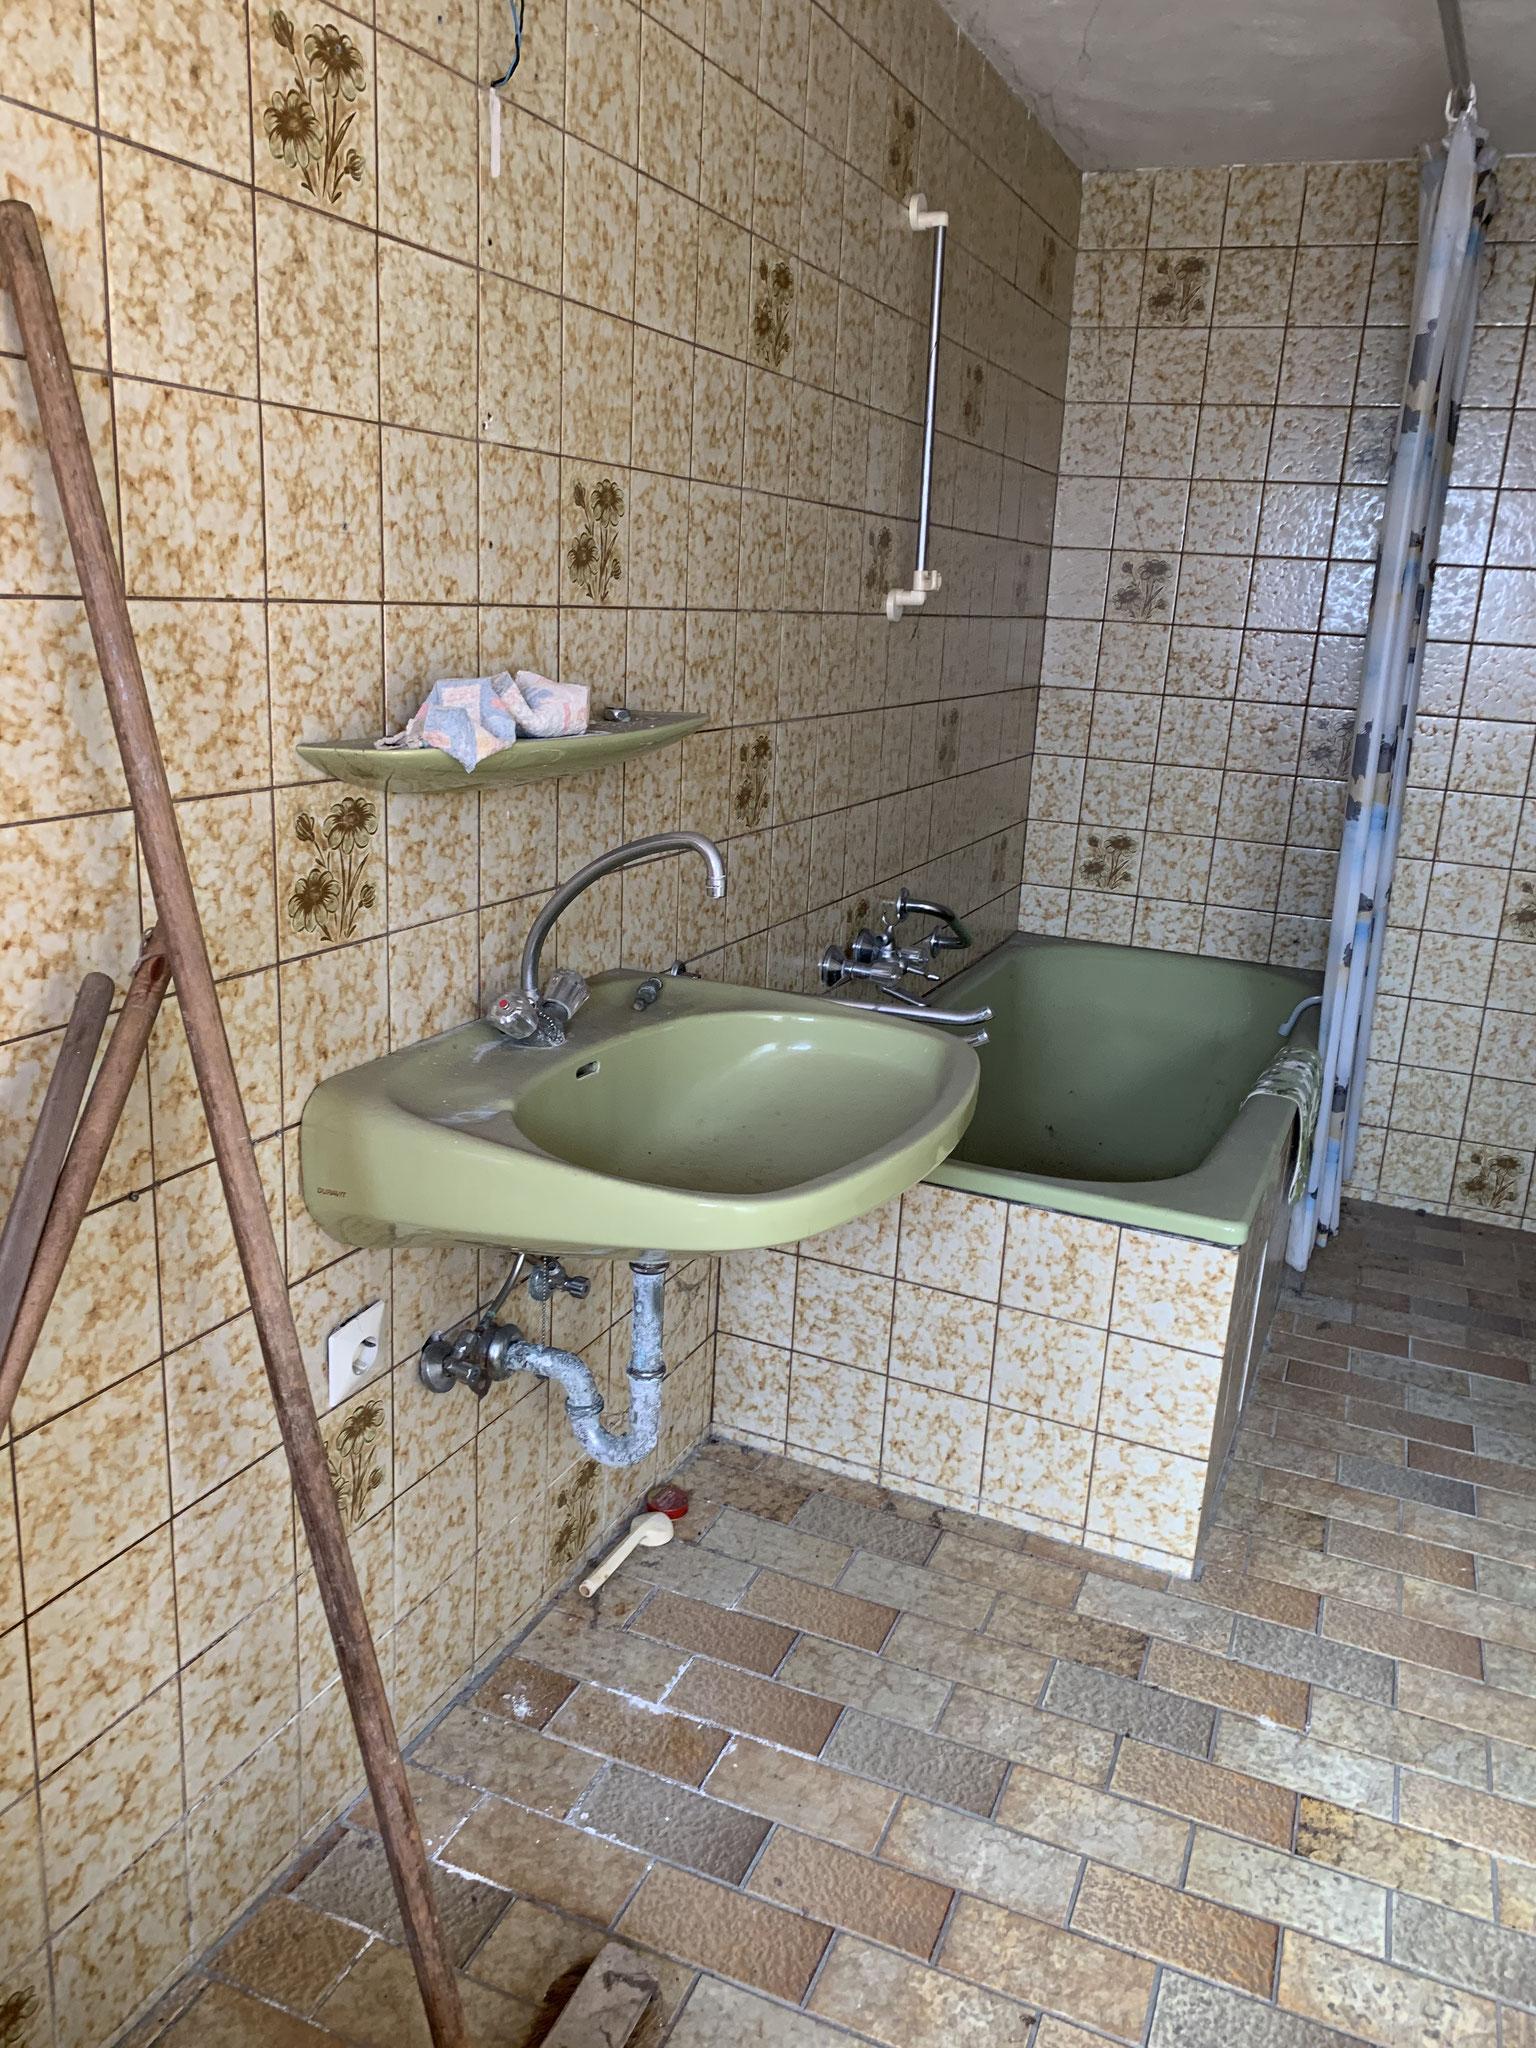 Bad aus den 70iger Jahren im Schmiedegebäude